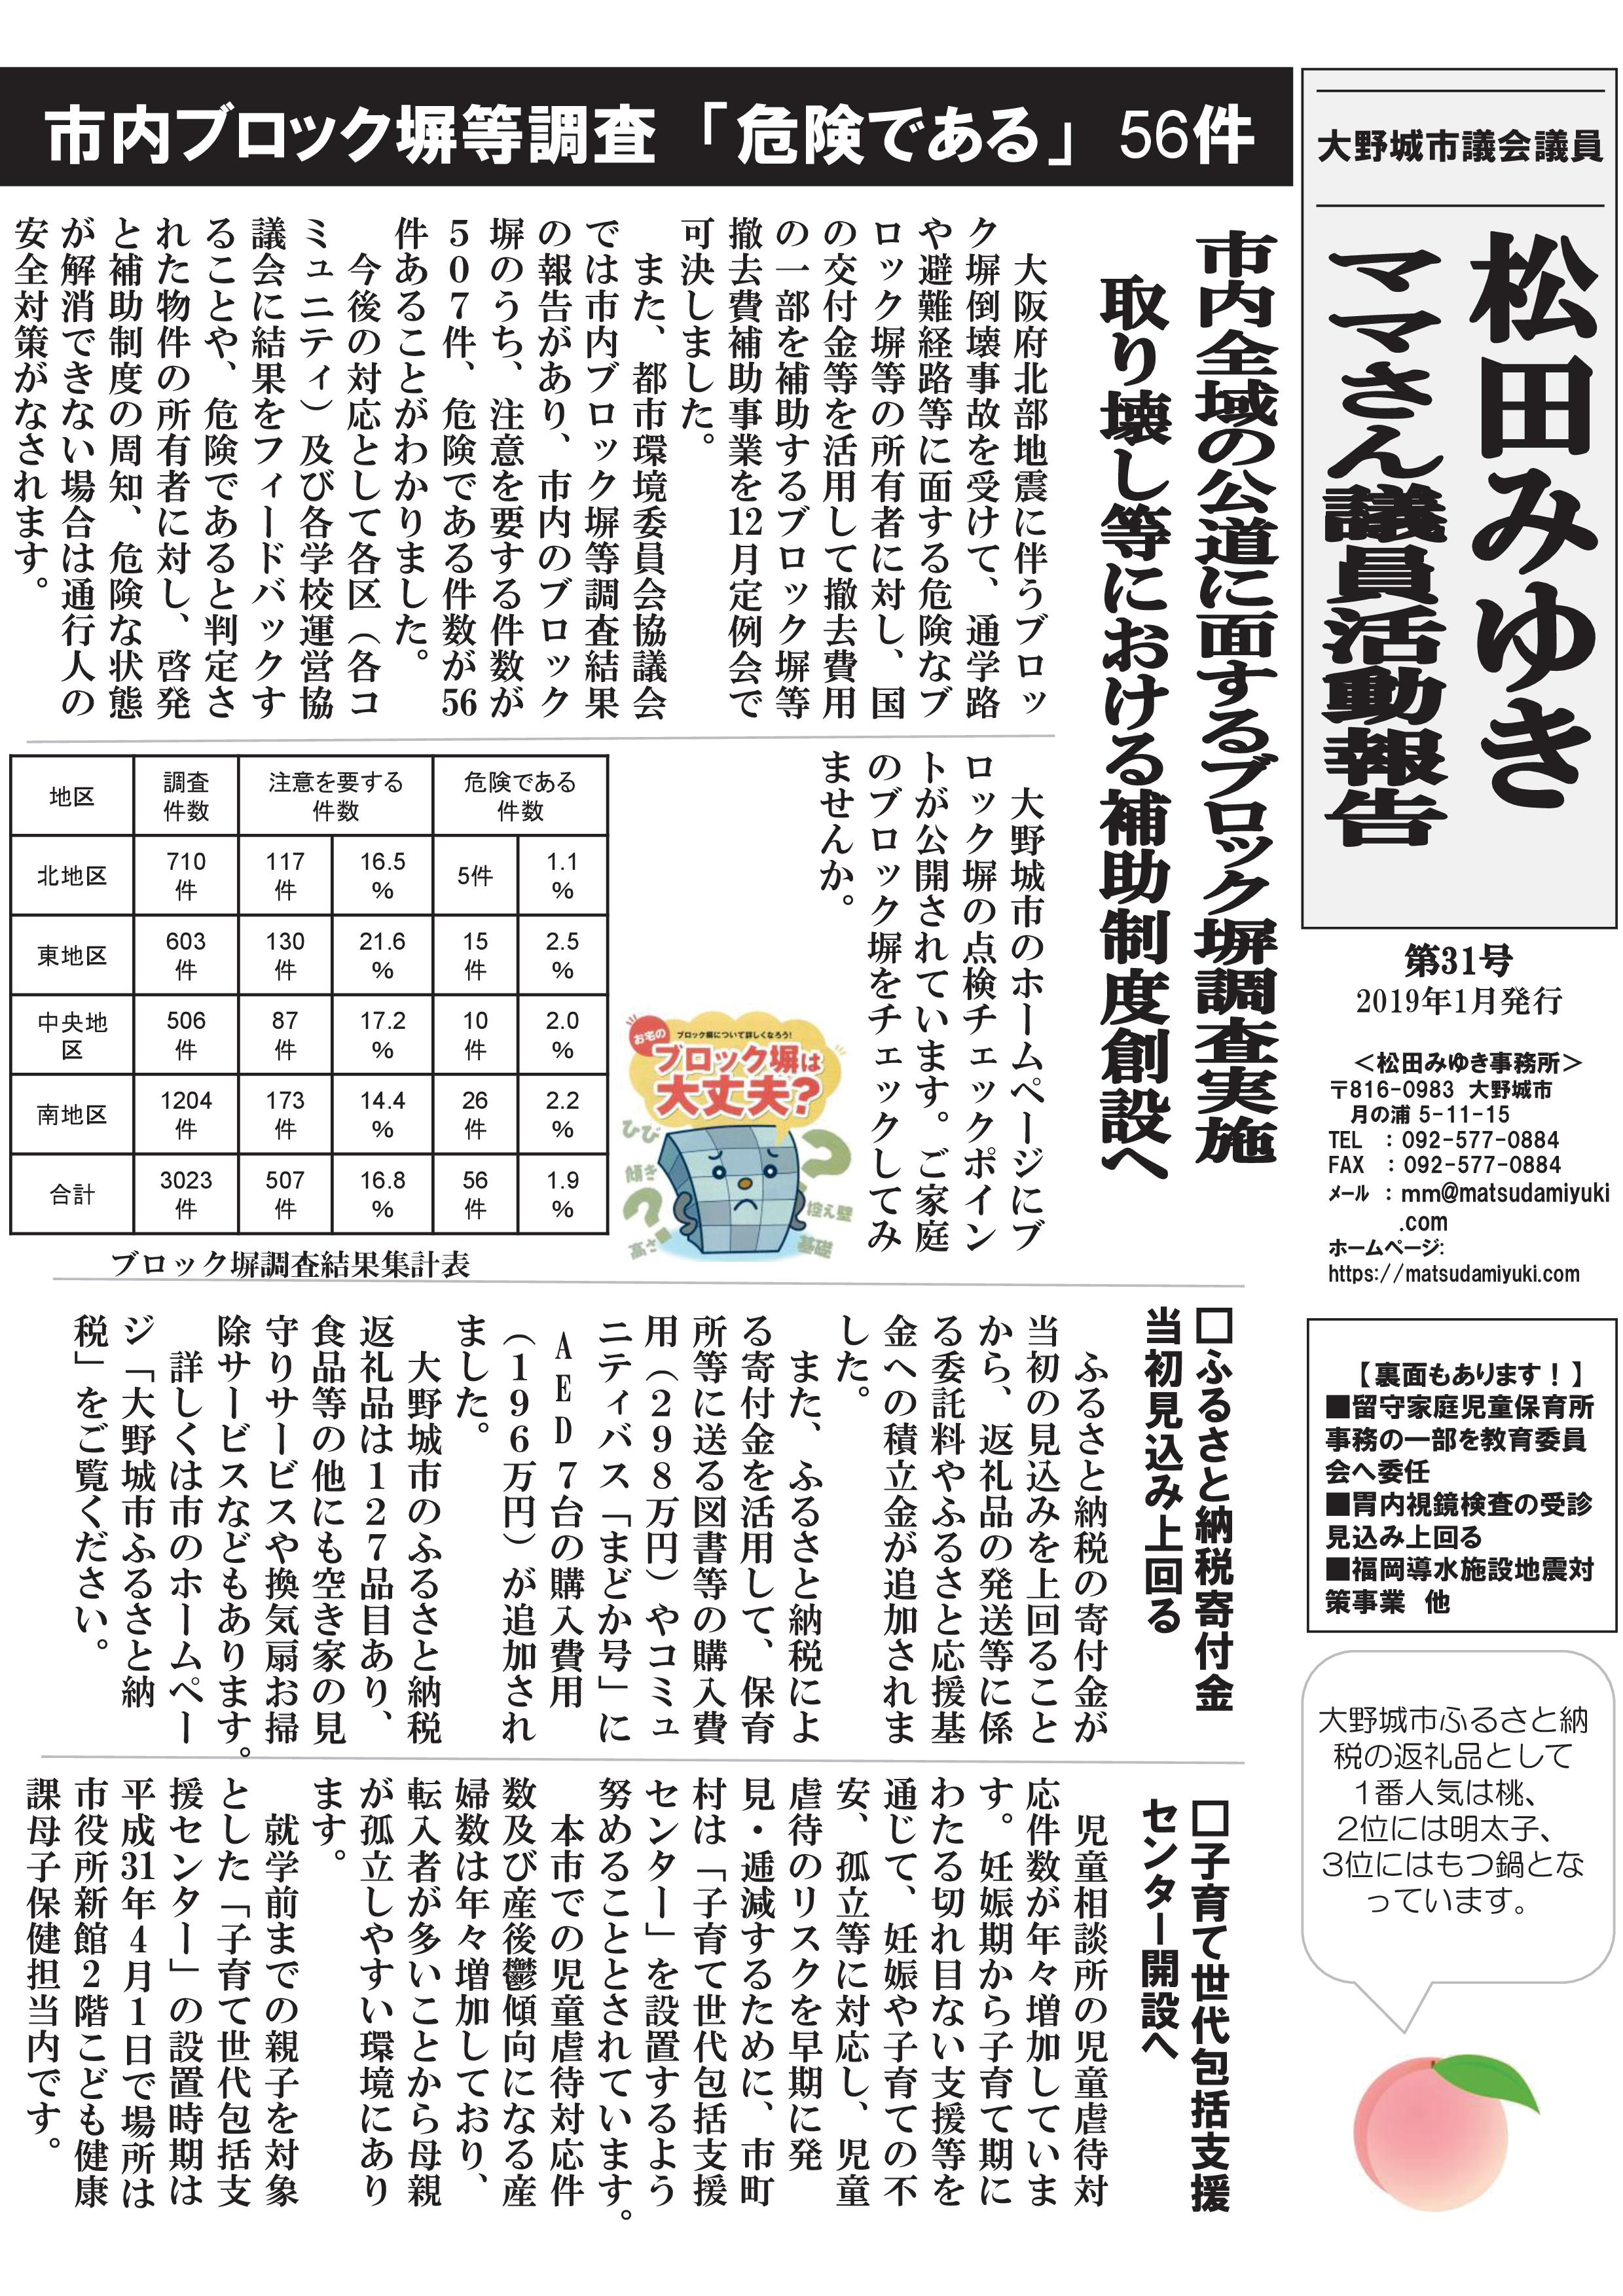 大野城市議会議員 松田みゆき 市政報告 第31号 01